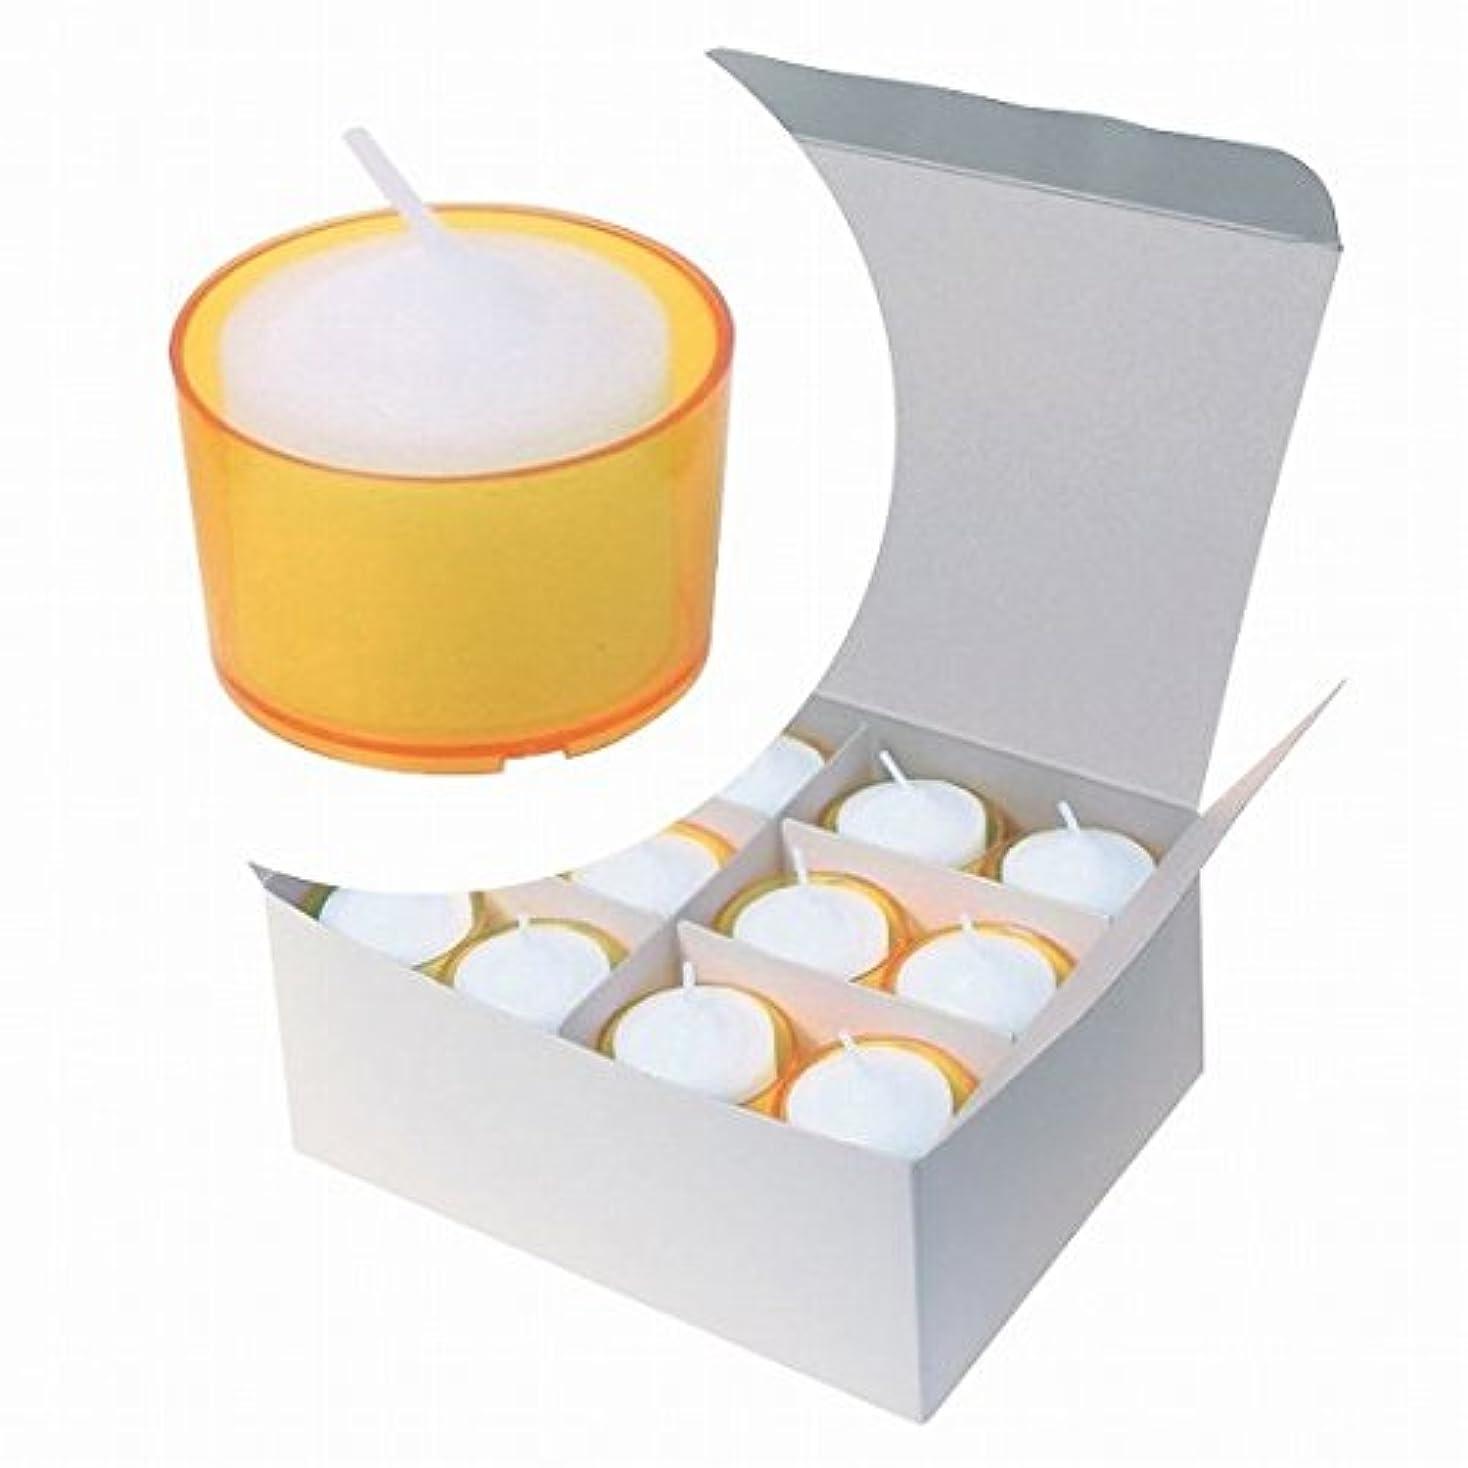 ベーコンによるとクールカメヤマキャンドル( kameyama candle ) カラークリアカップボーティブ6時間タイプ 24個入り 「 イエロー 」